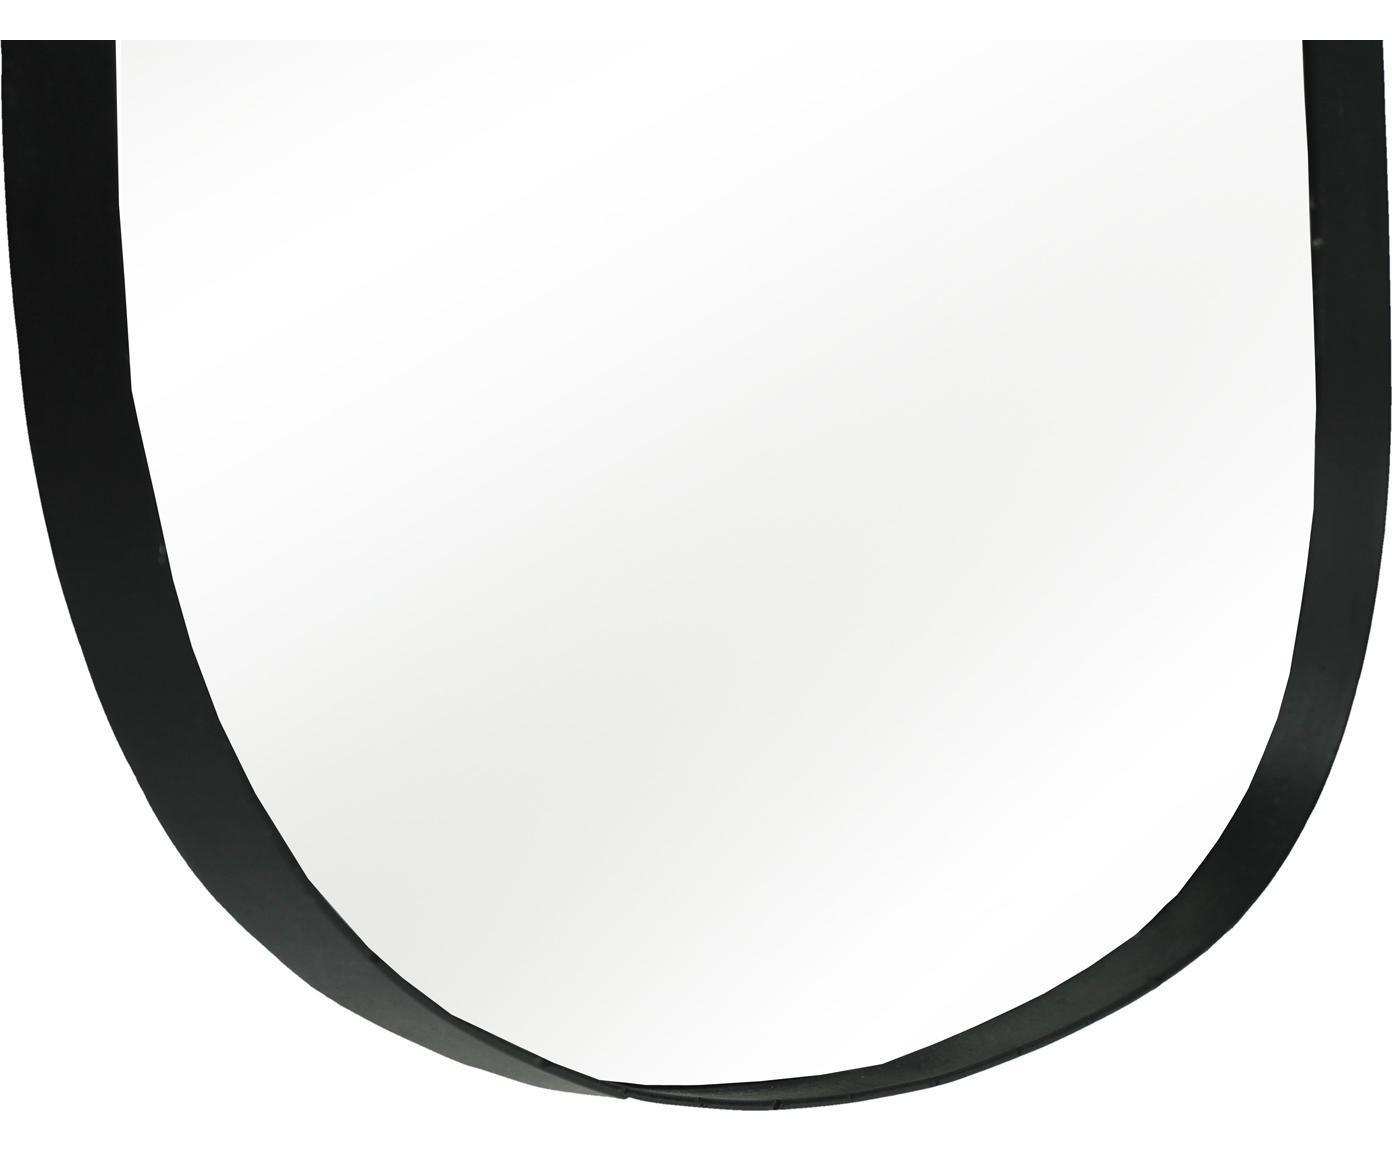 Wandspiegel Codol met zwarte lijst, Frame: gecoat metaal, Zwart, 56 x 66 cm